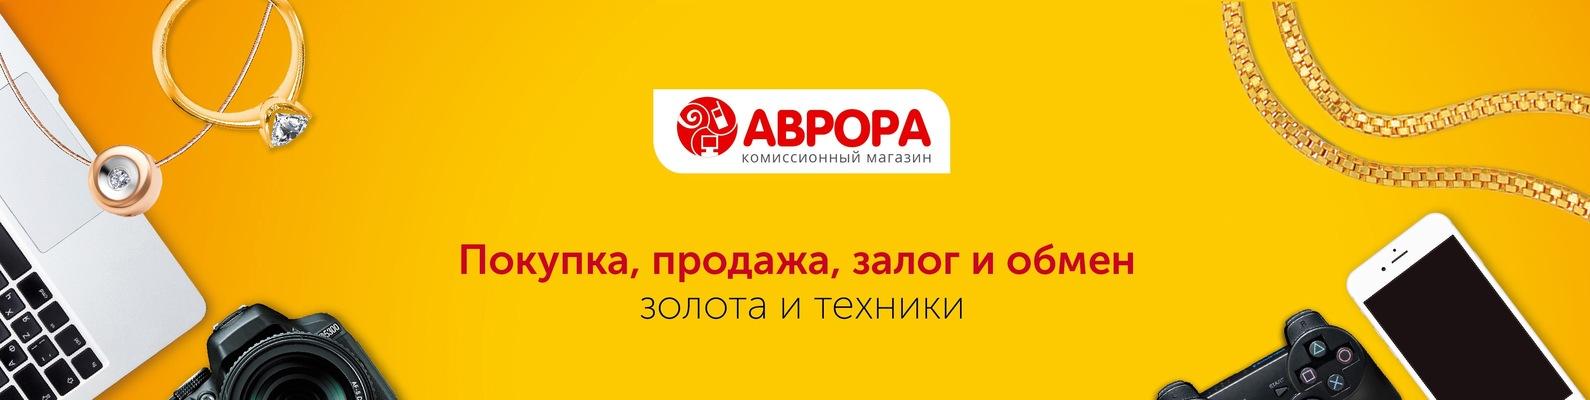 769cb682c33a Комиссионный магазин «Аврора» Нижний Новгород   ВКонтакте